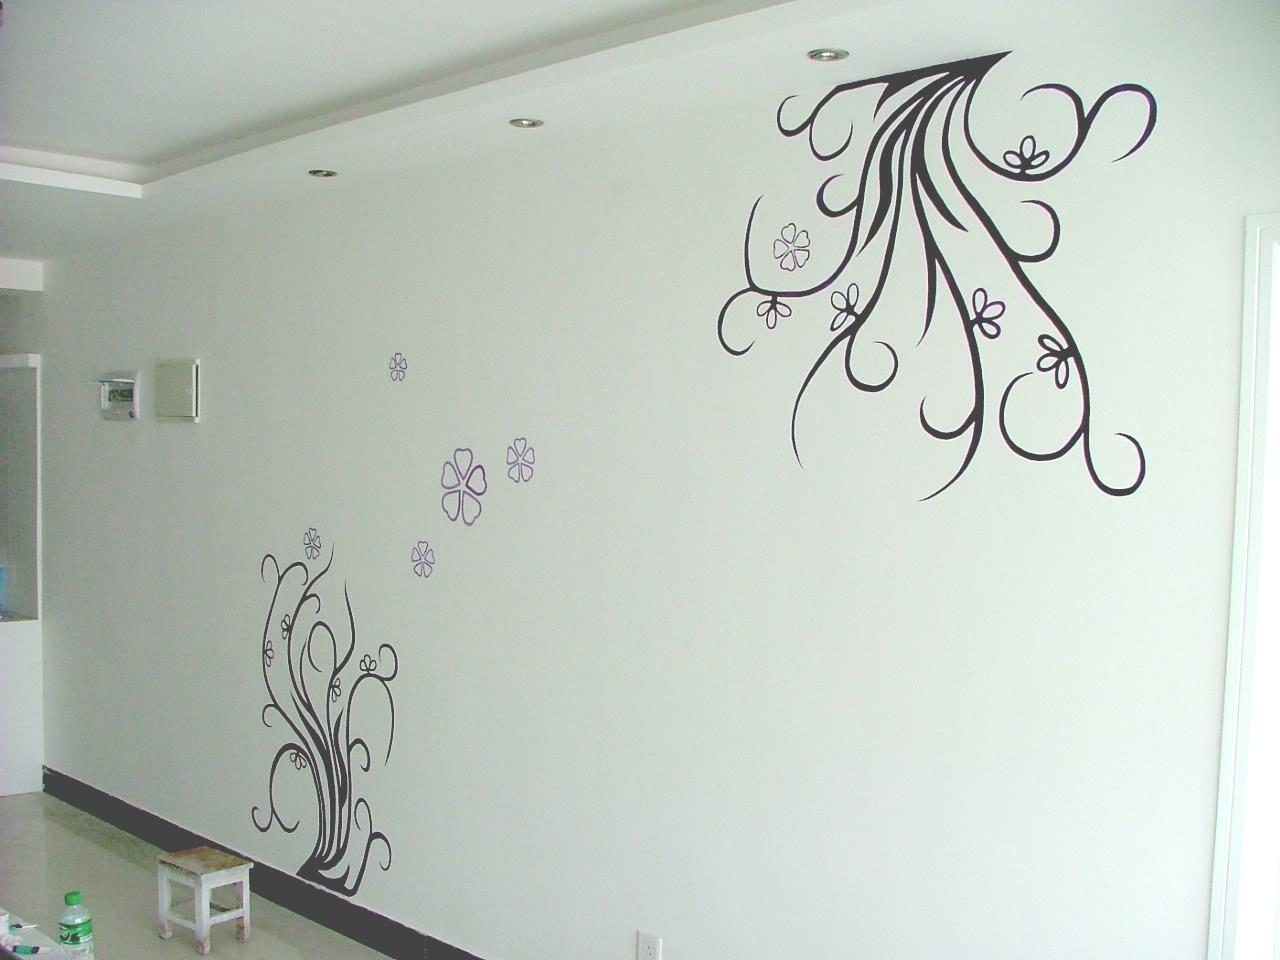 墙贴画图片大全,墙贴画贴纸,墙贴画贴纸全图片,墙贴画